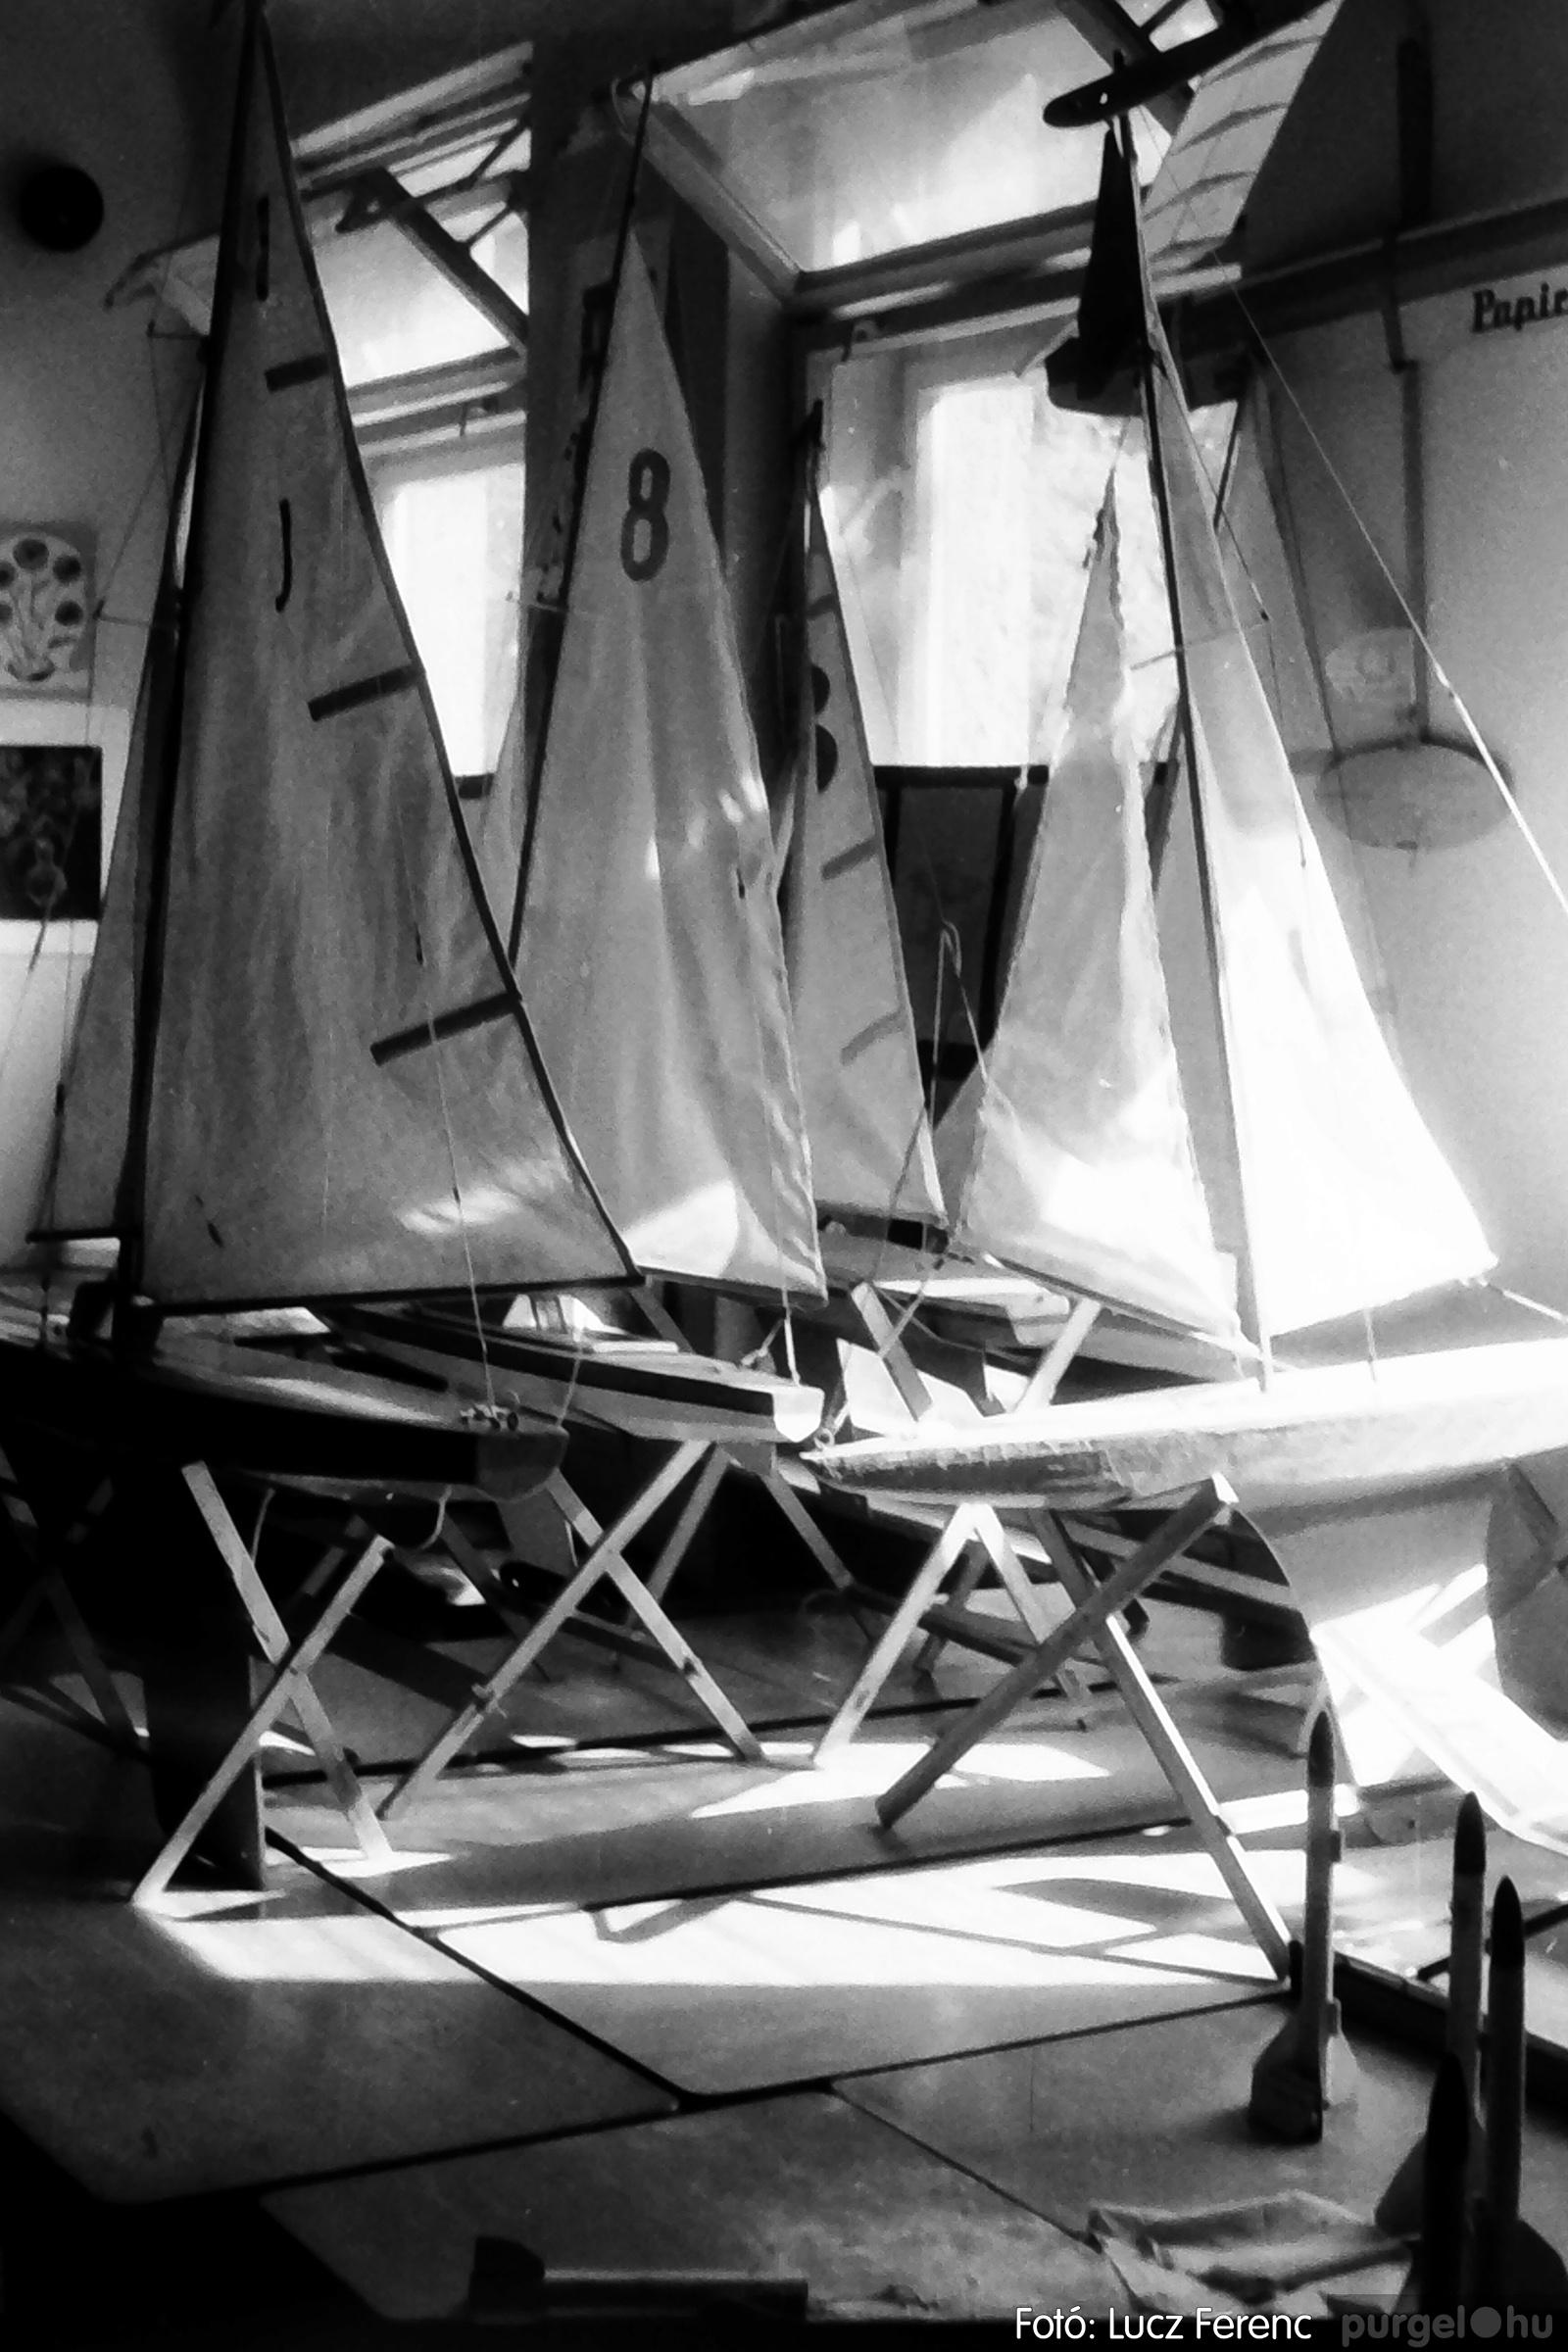 083. 1977. Iskolai kiállítás a tanév legszebb alkotásaiból 001. - Fotó: Lucz Ferenc.jpg